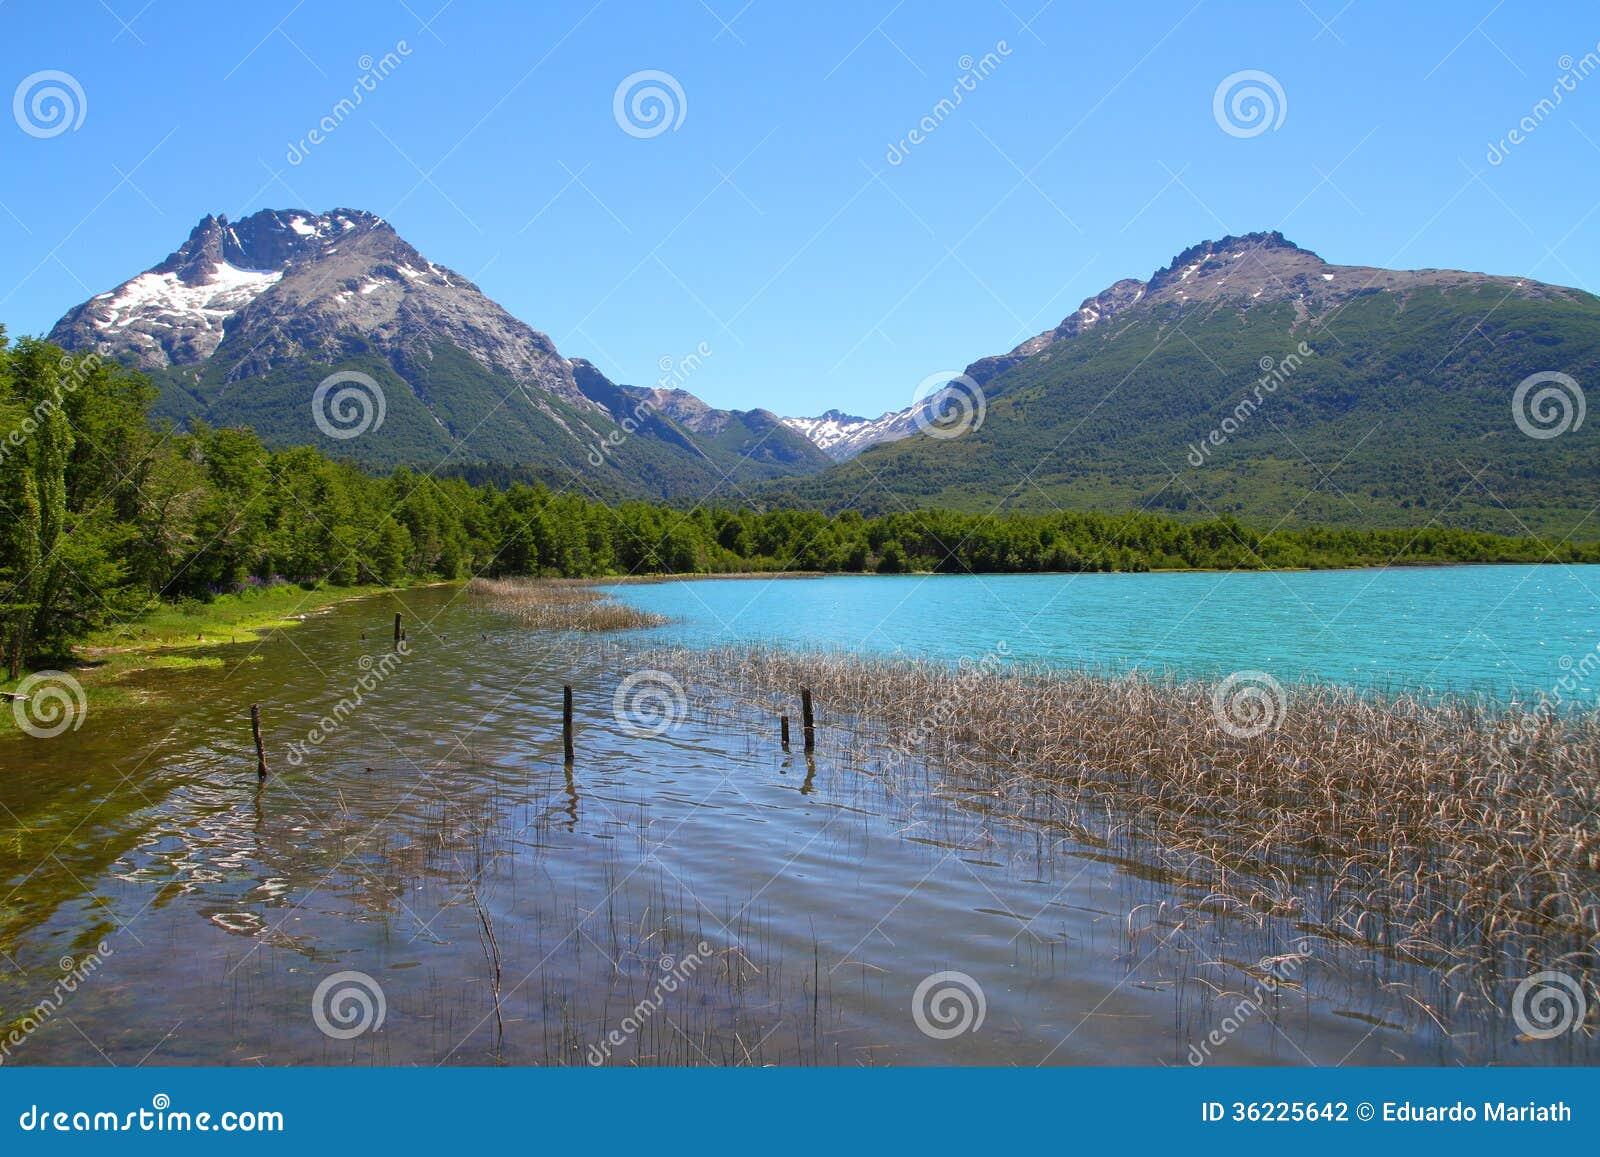 Mascardimeer - Patagonië - Argentinië